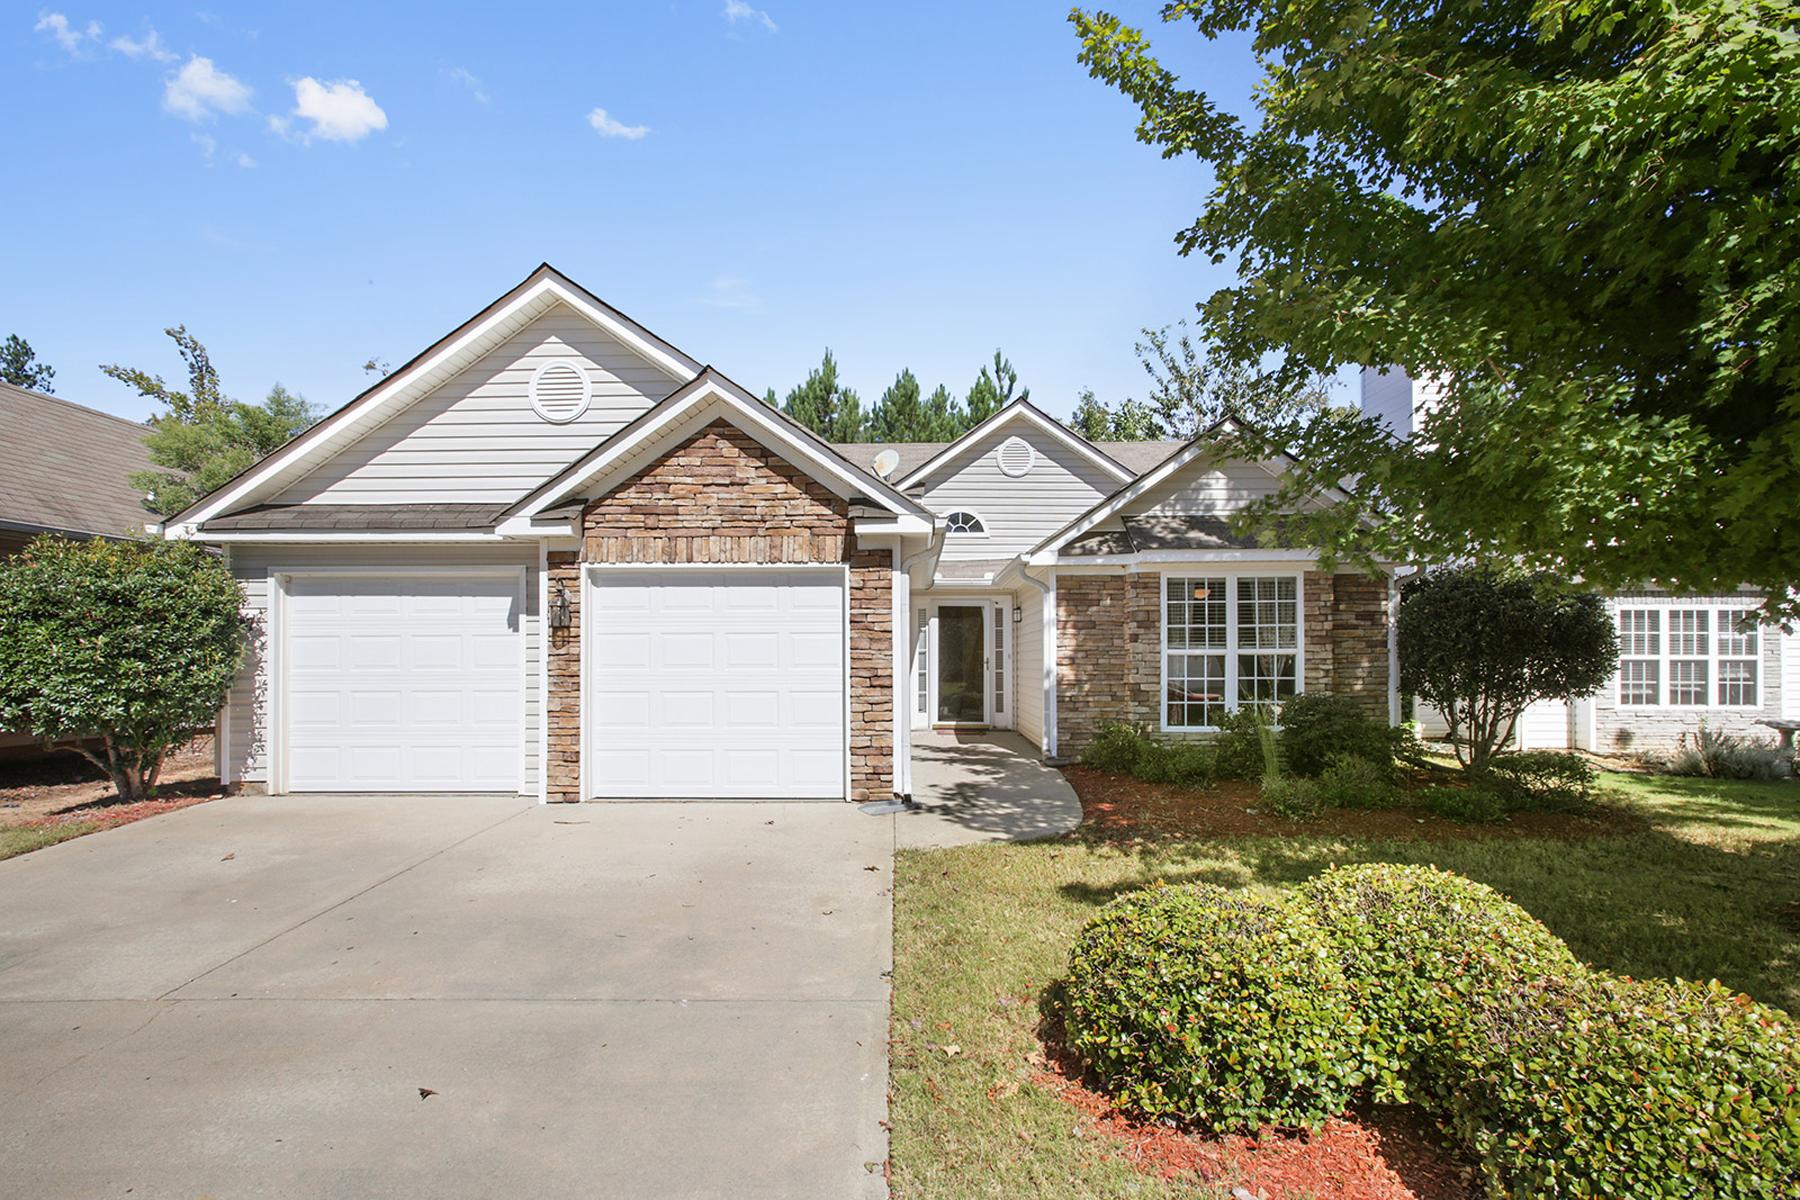 Villa per Vendita alle ore Former Summergrove Model Home! 147 Hunterian Place Newnan, Georgia, 30265 Stati Uniti